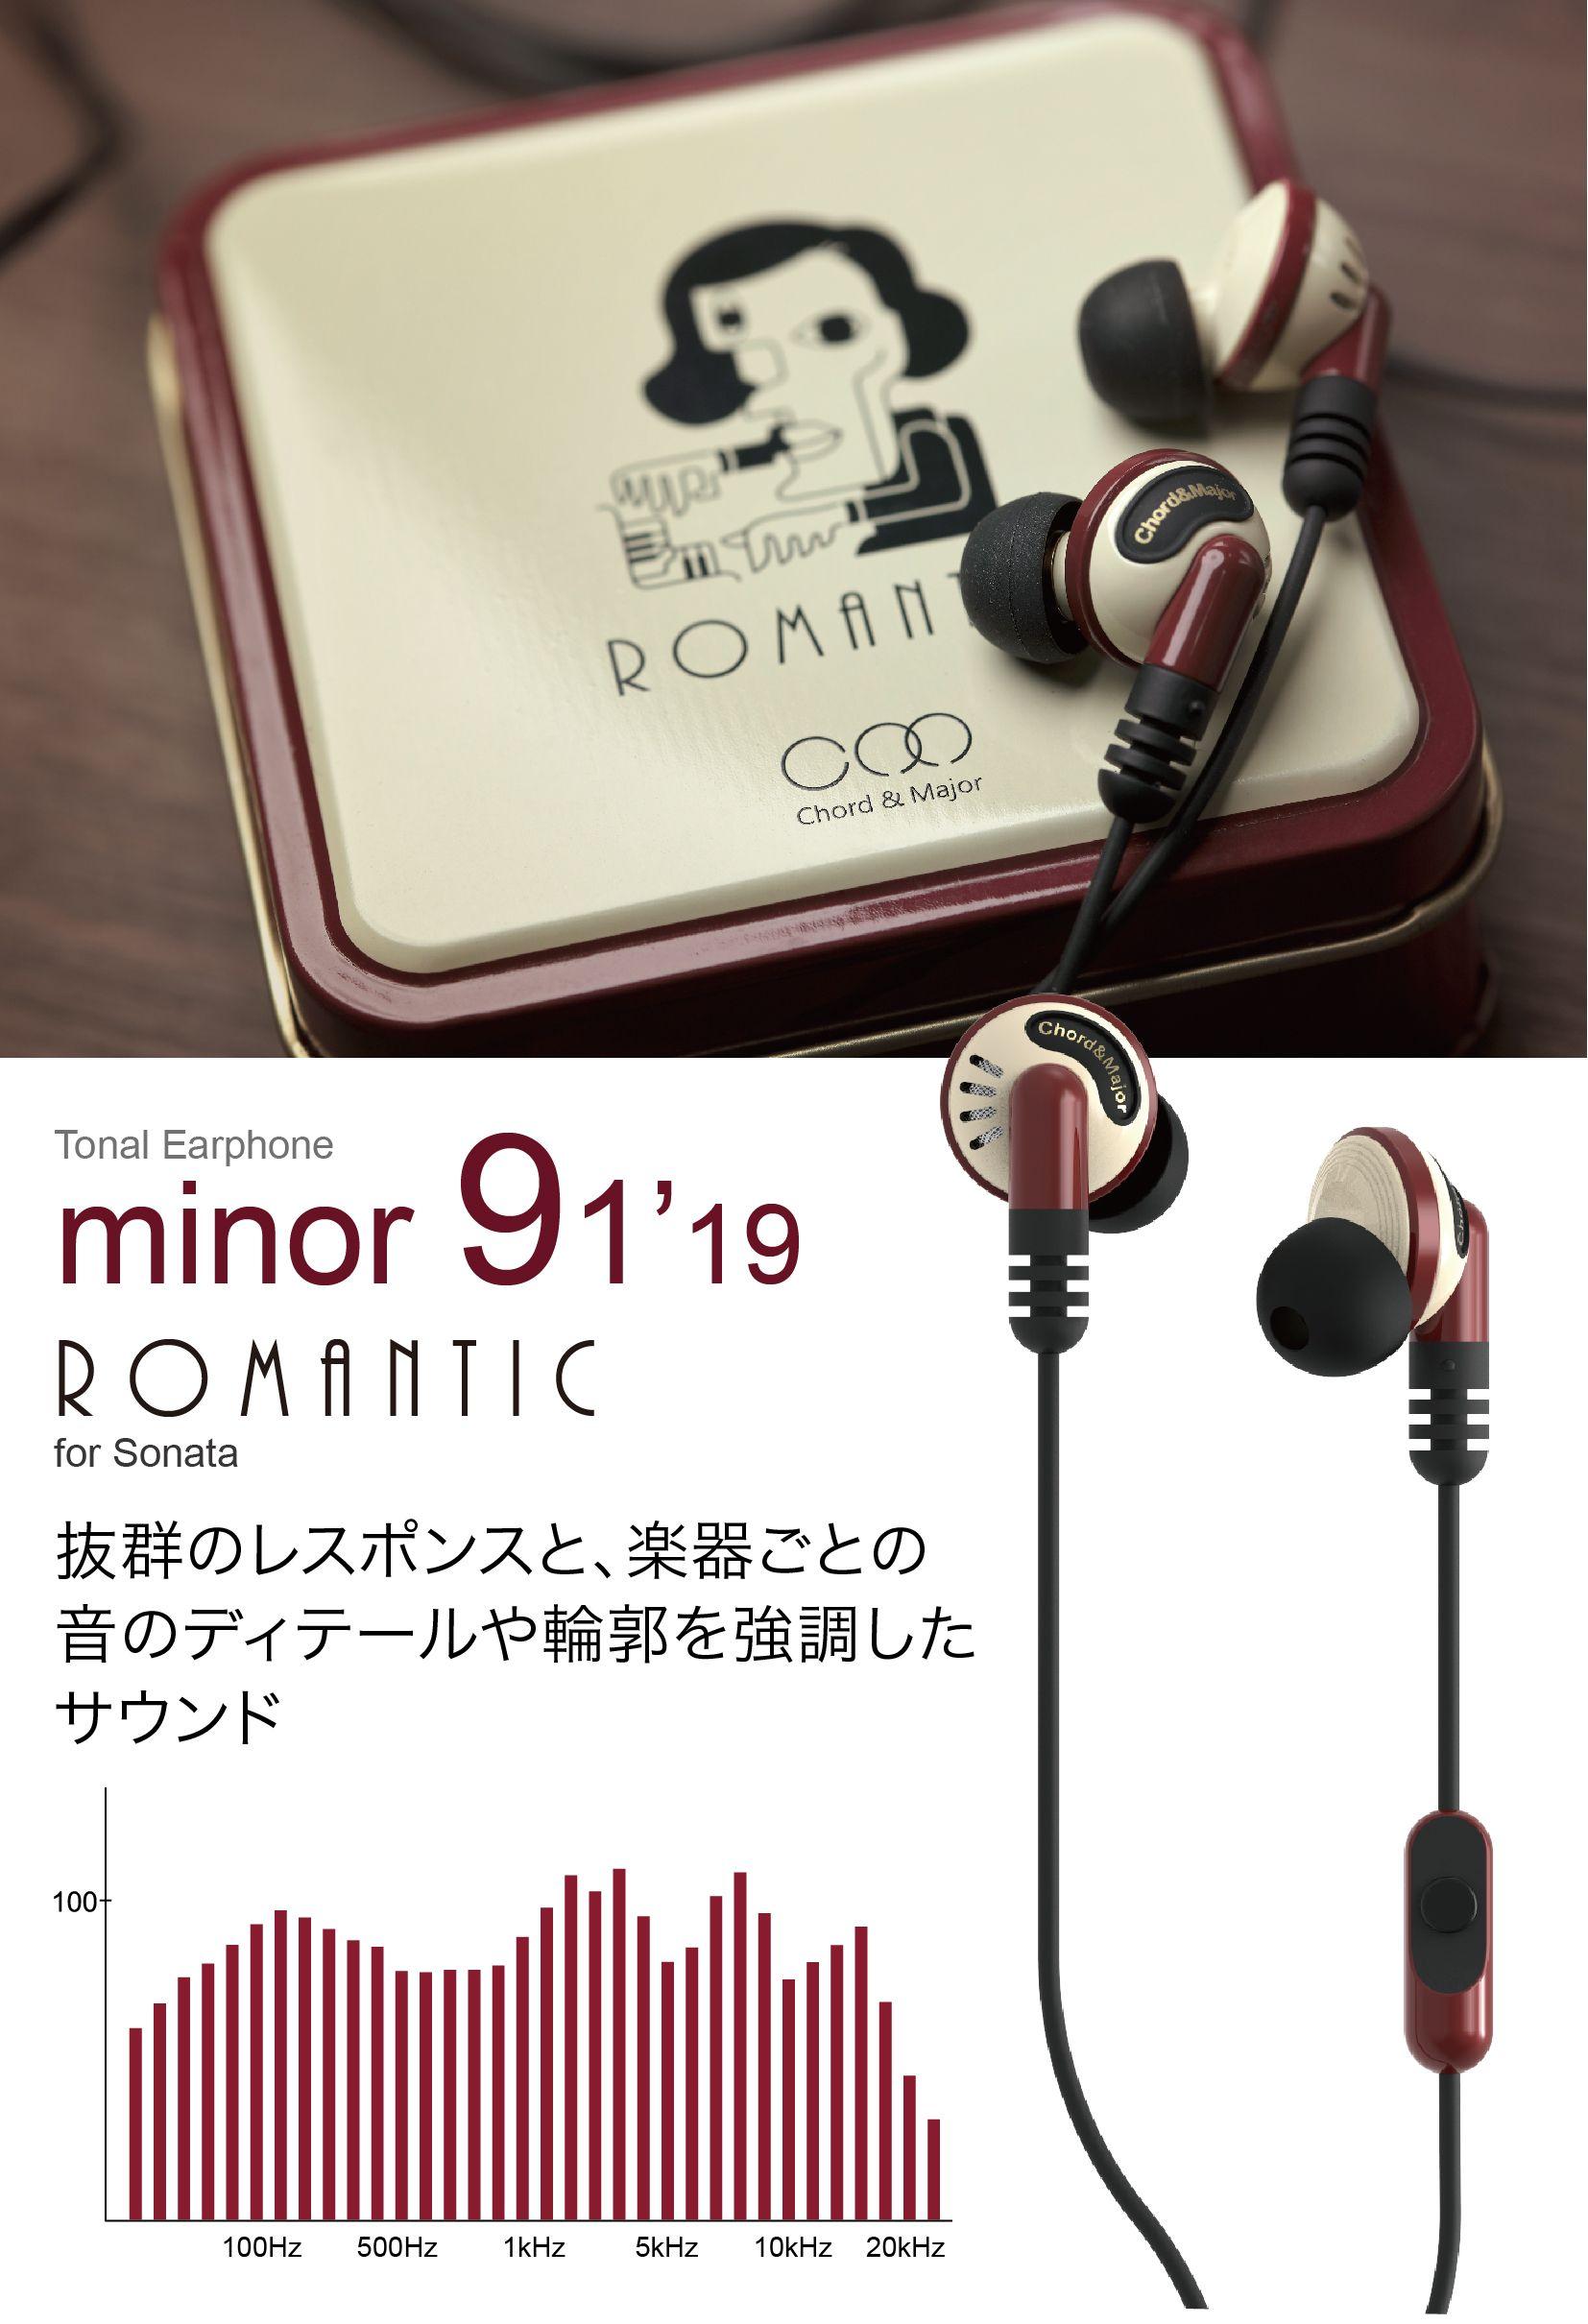 ジャンルに合わせて音色の異なるイヤホン【minor】シリーズ